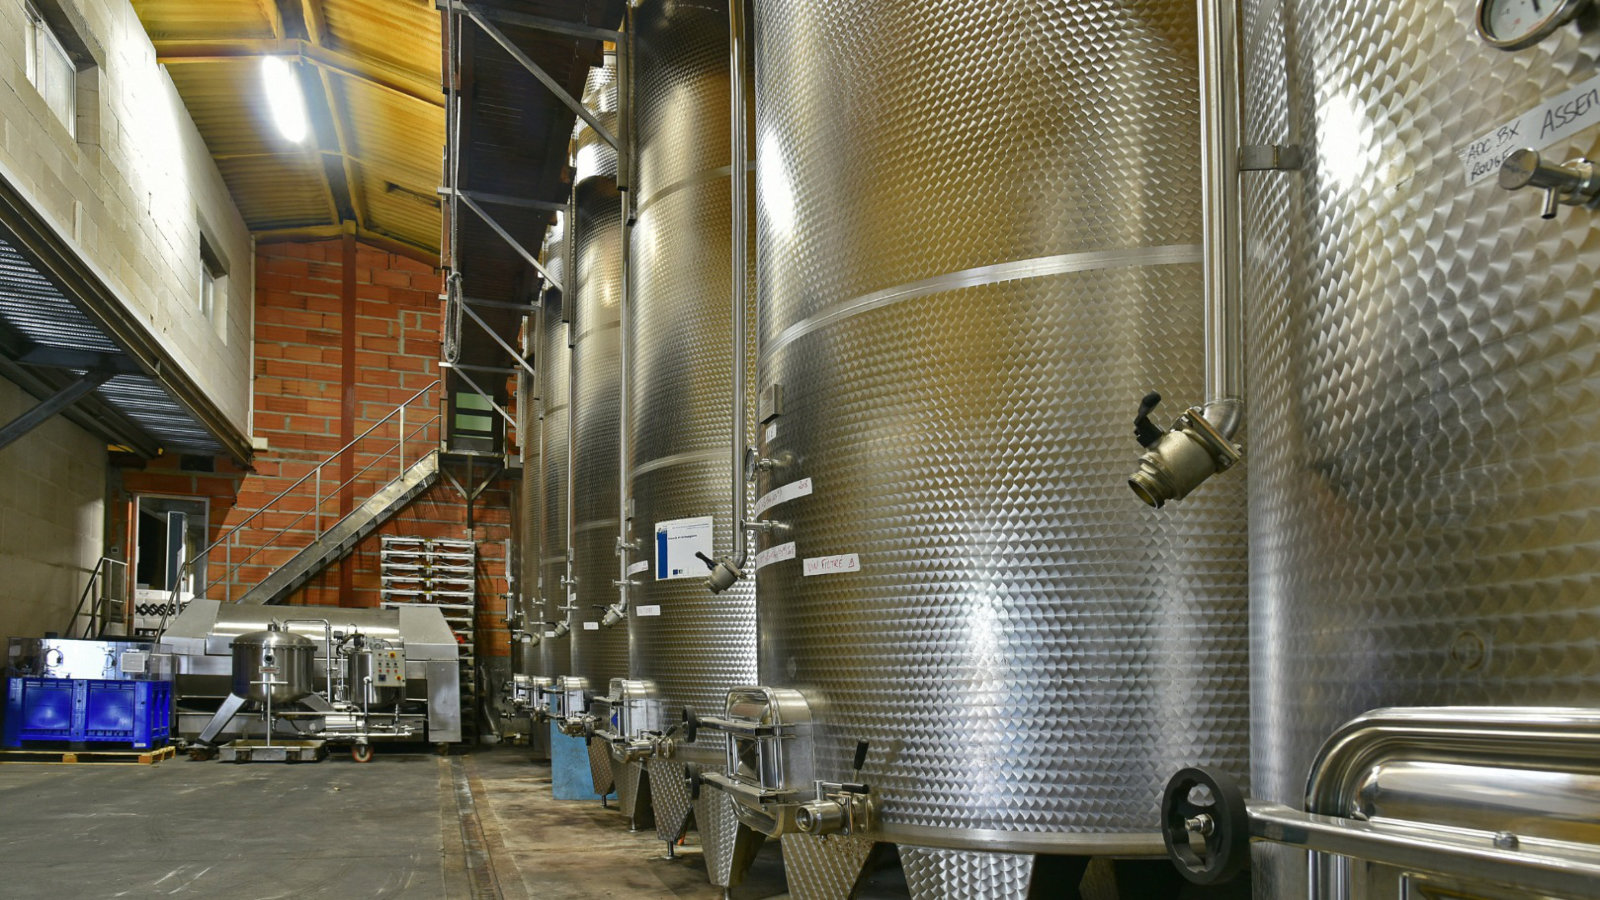 Les cuves inox servent à purifier et faire vieillir le vin